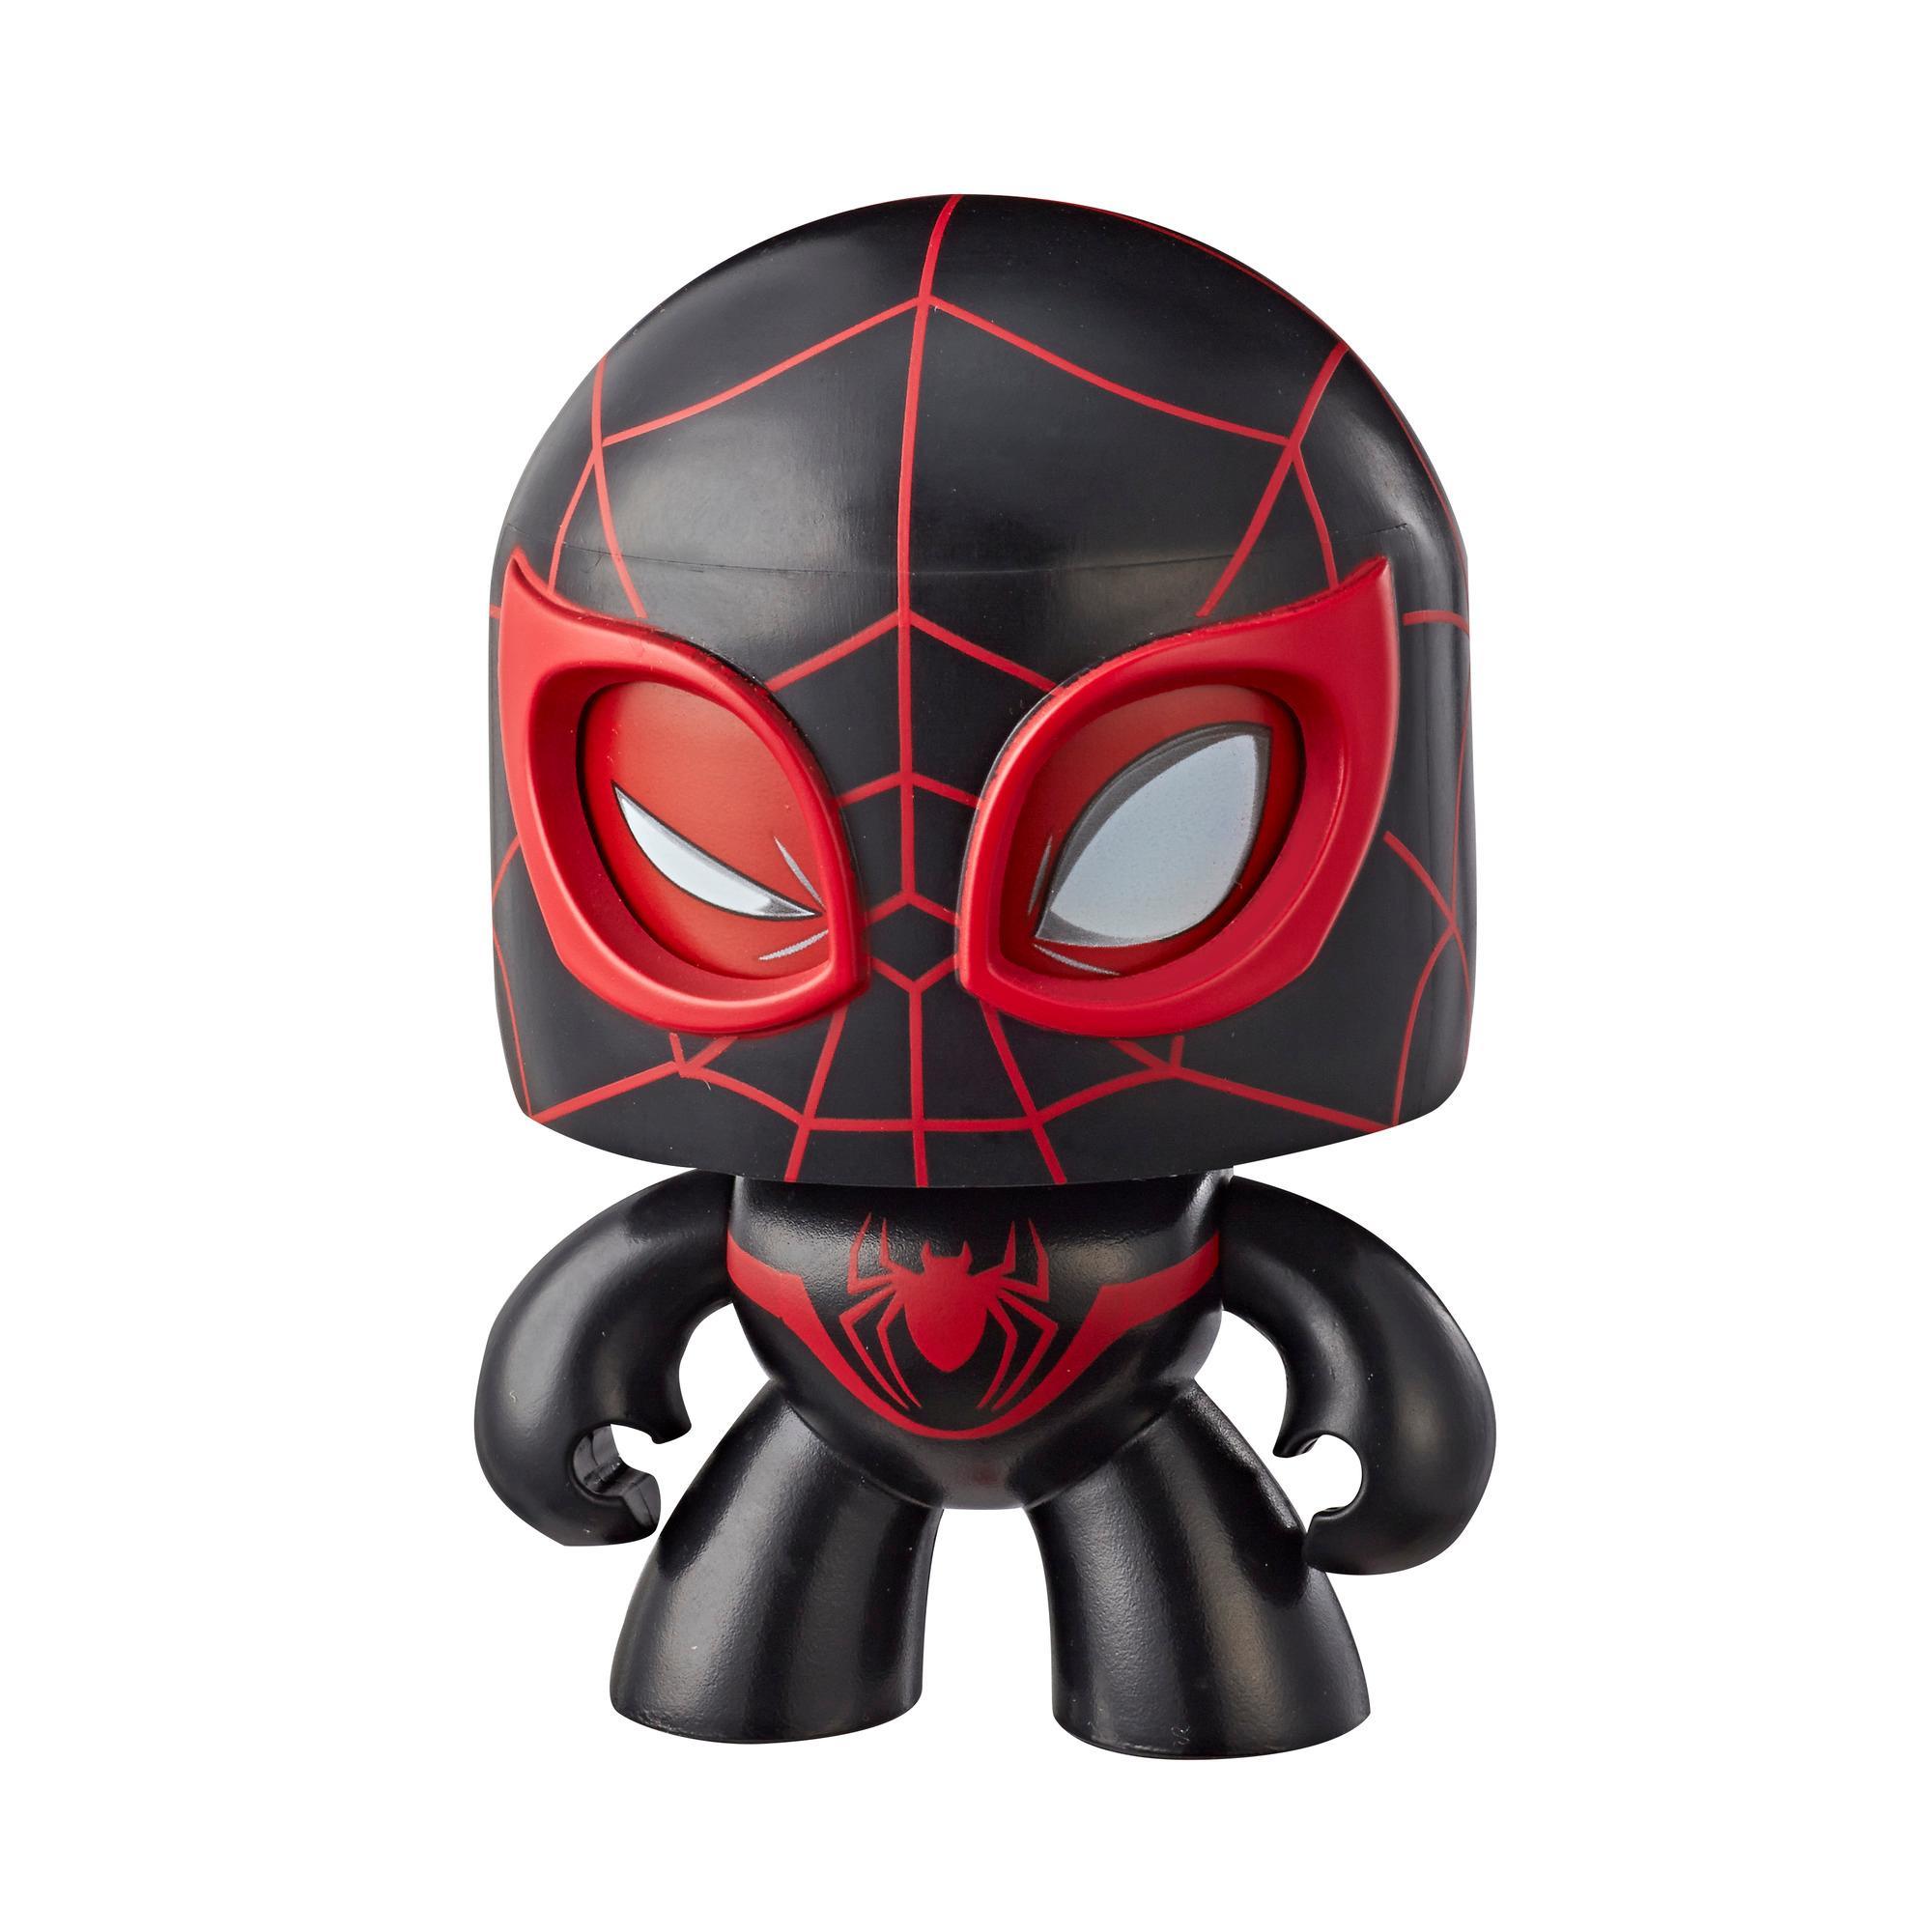 MIGHTY MUGGS - MARVEL SPIDER MAN 2